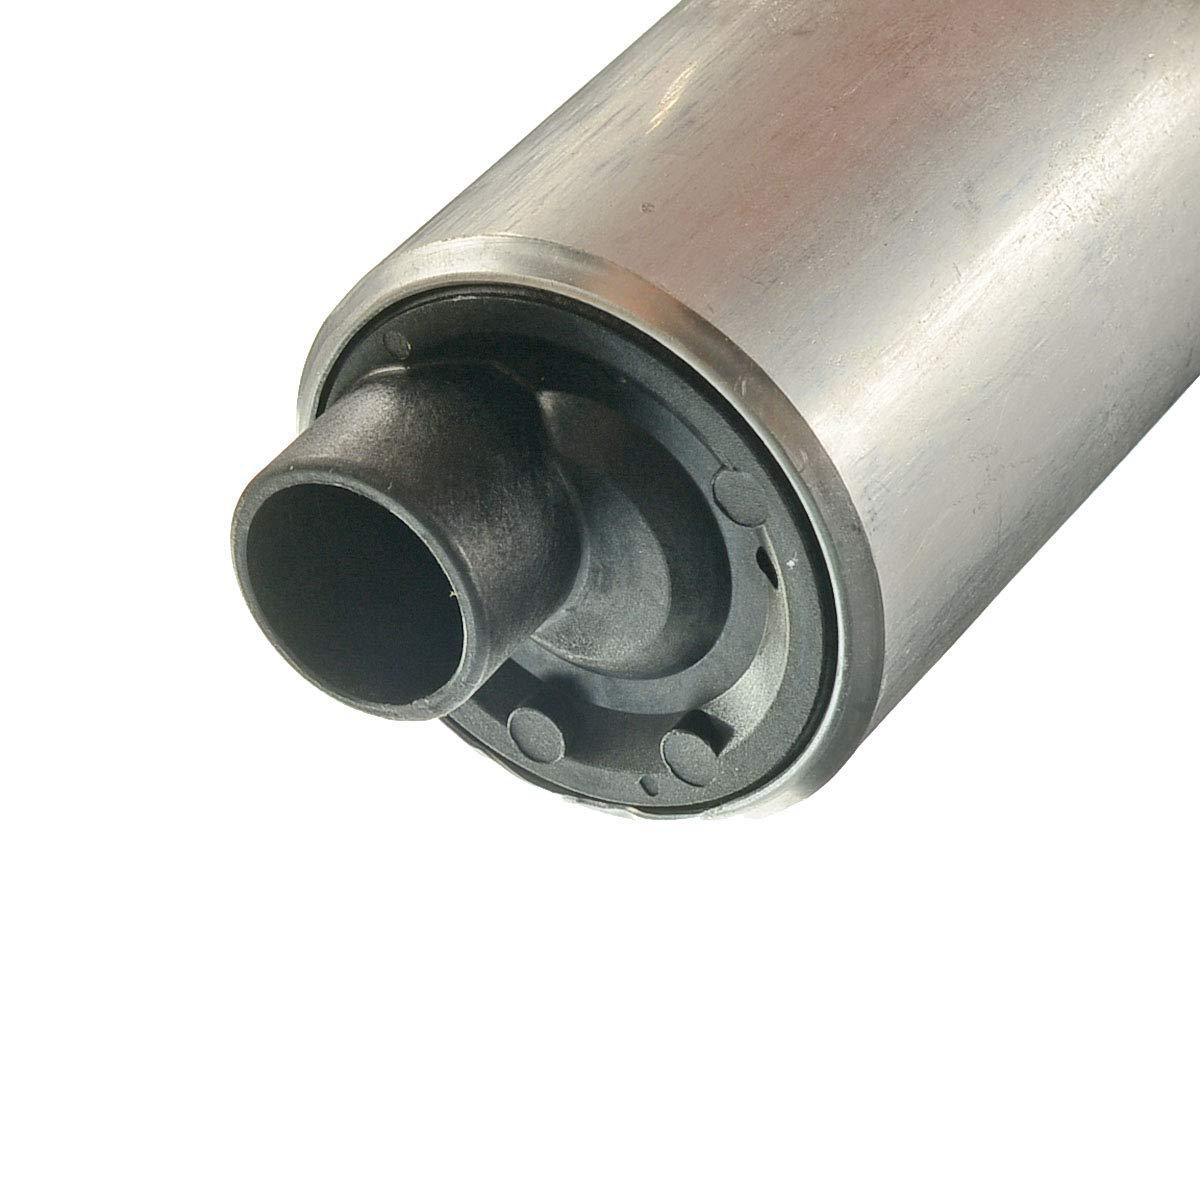 Pompe /à carburant r/éservoir diesel pour 5 unit/és E39 520d 525d 525td 525tds 530d 2.0L 2.5L 2.6L 3.0L ann/ée de construction 1996-2004